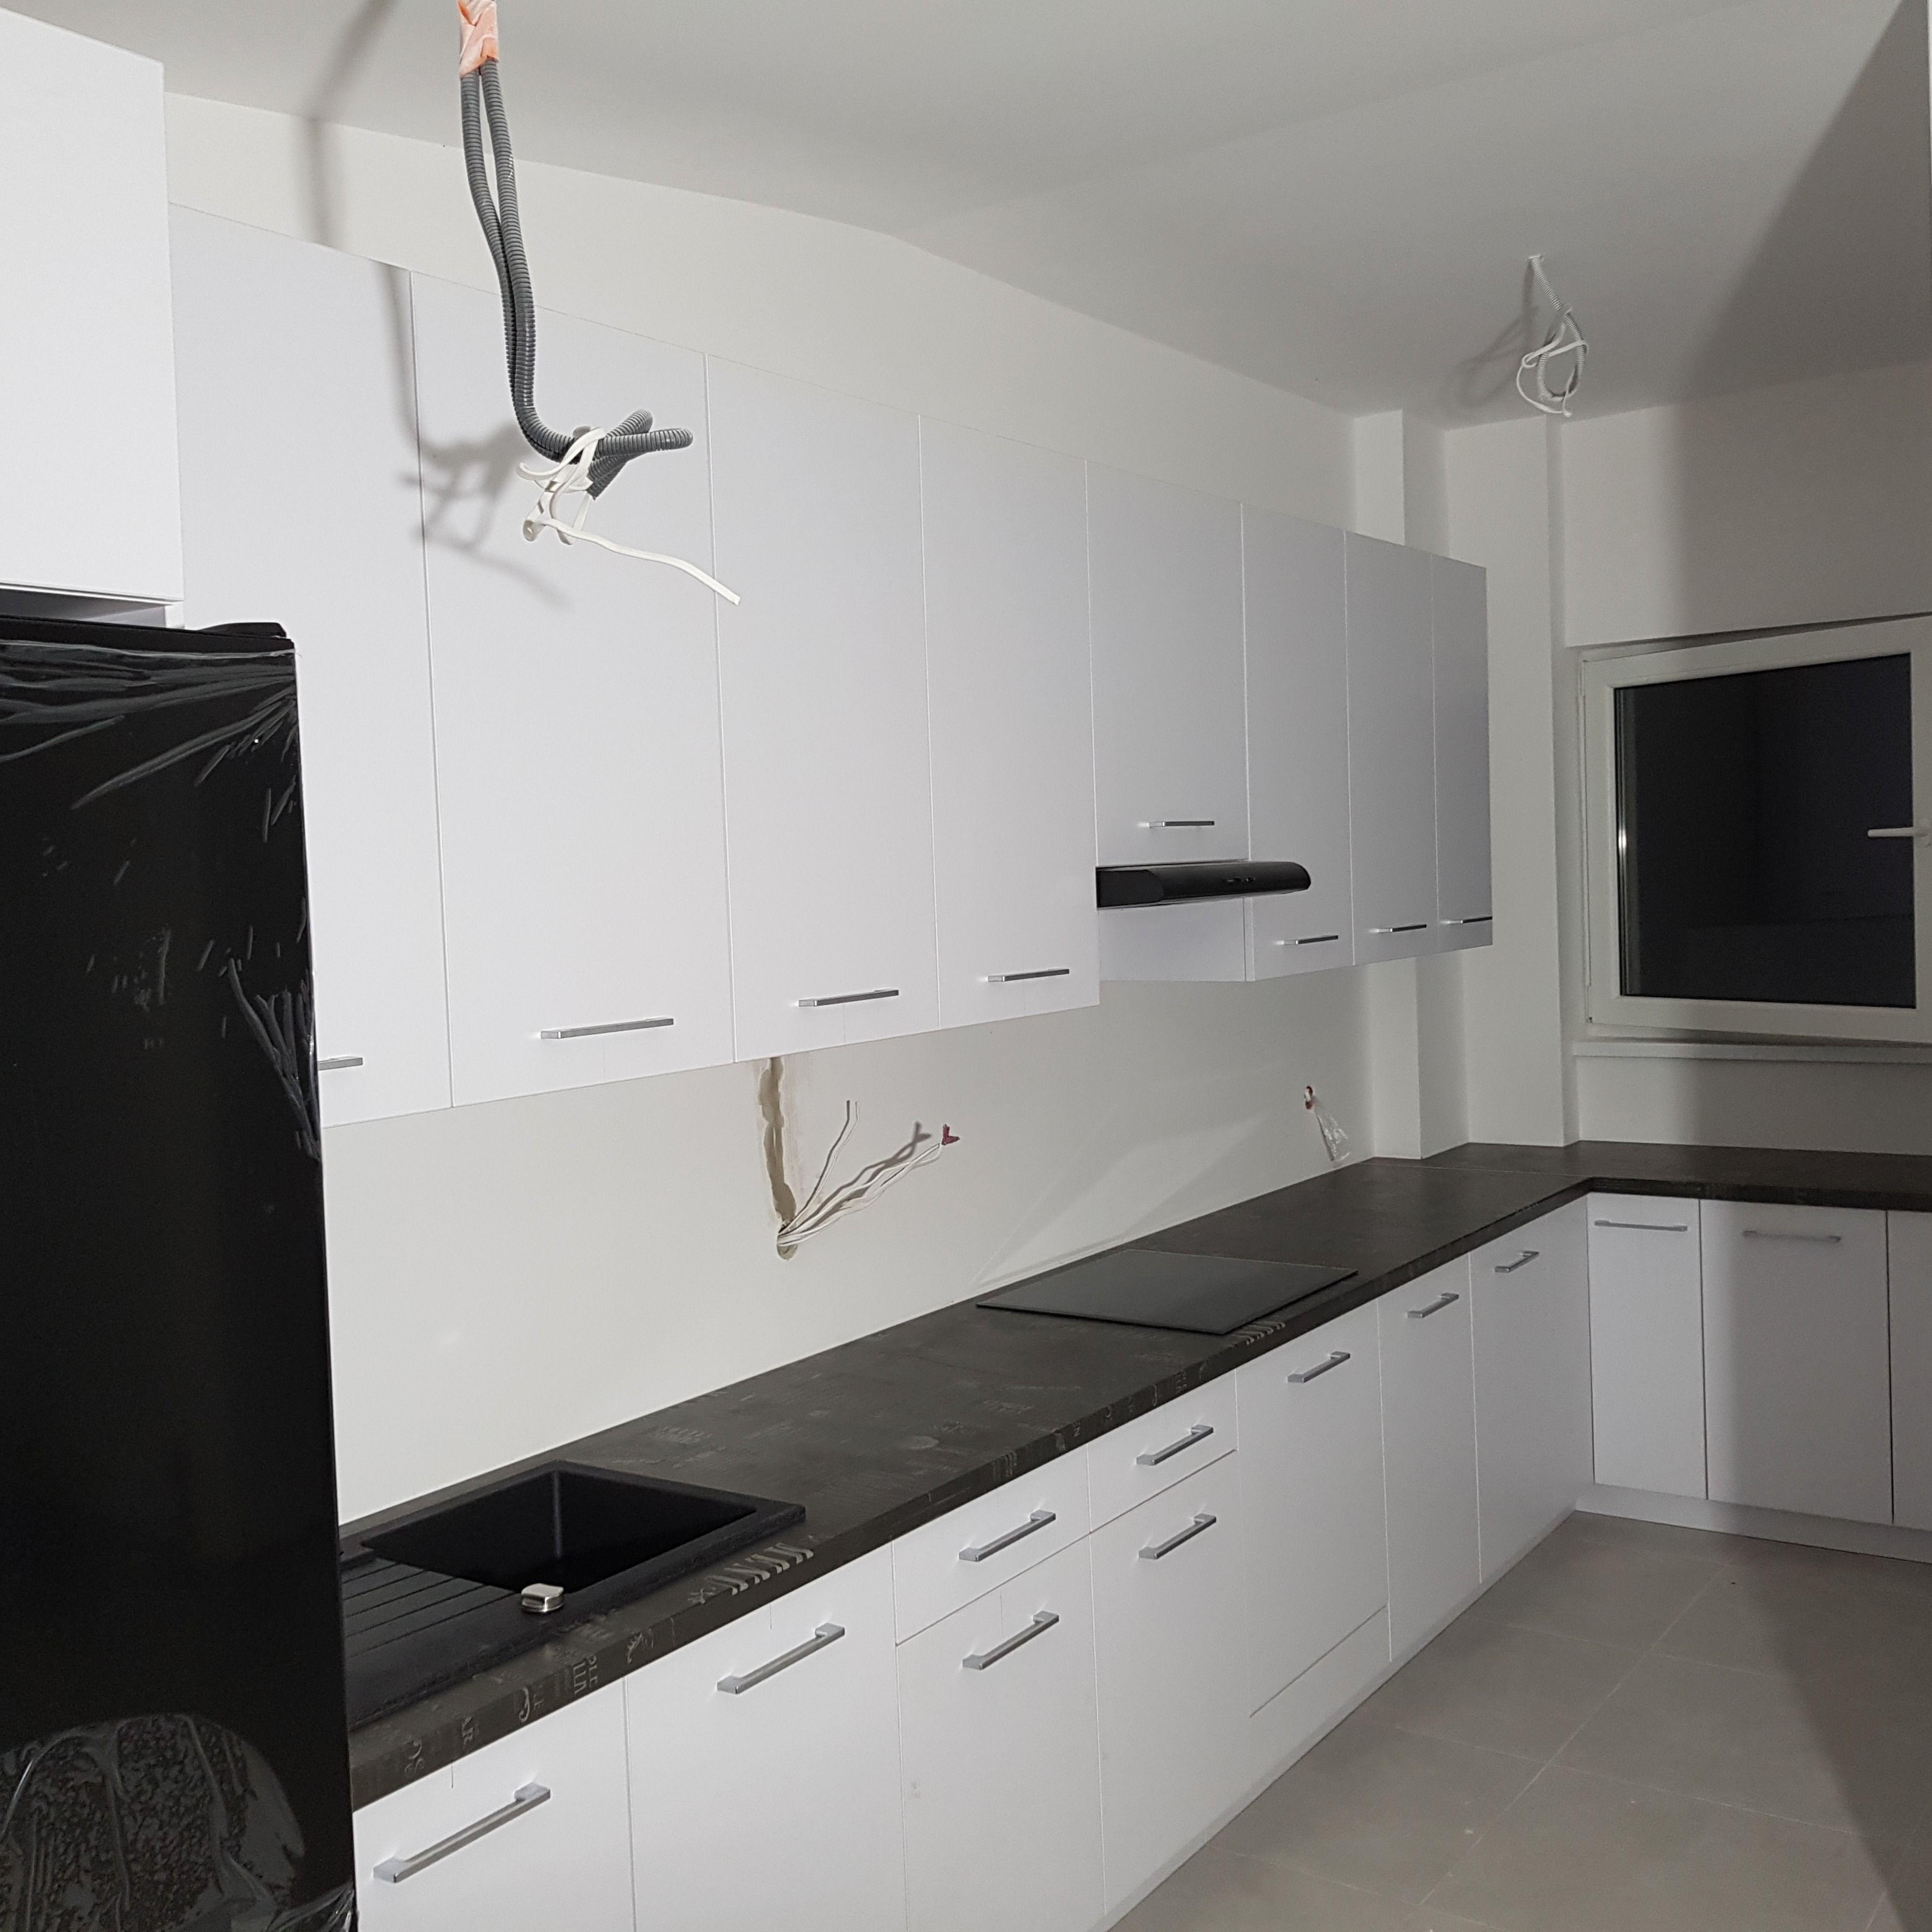 Kuchnia Mat Kitchen Cabinets Kitchen Decor